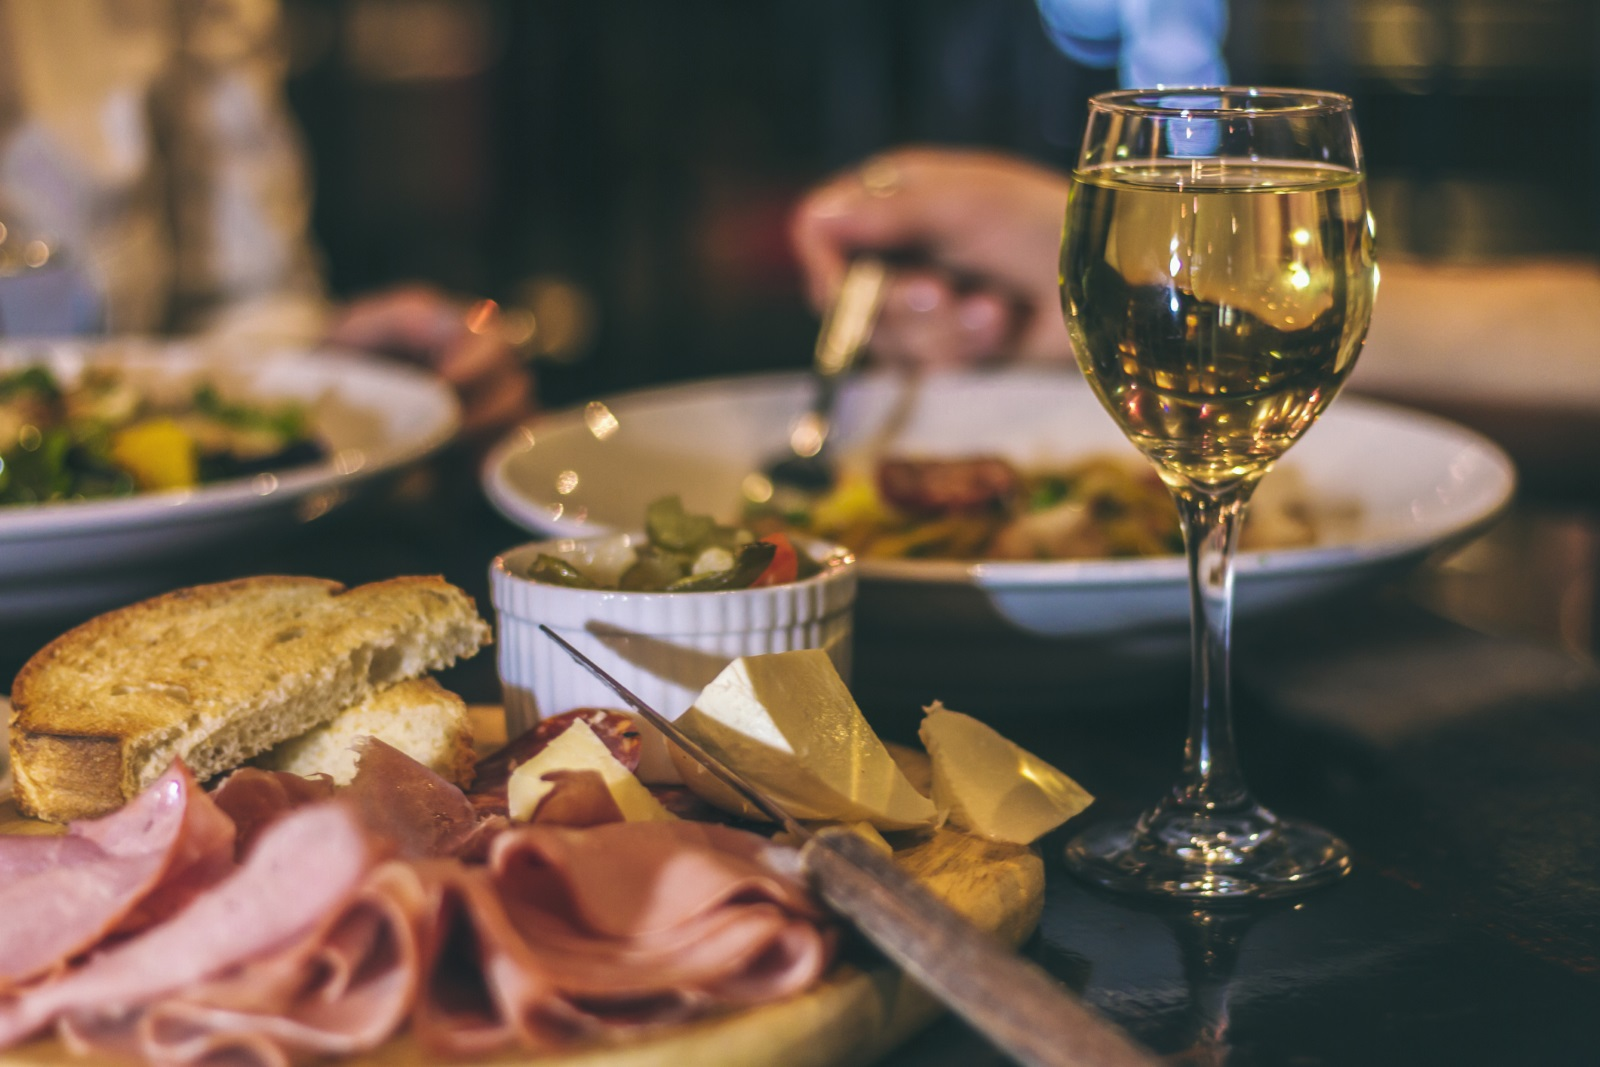 Телецът е традиционалист и би оценил качествената храна и стилната обстановка.